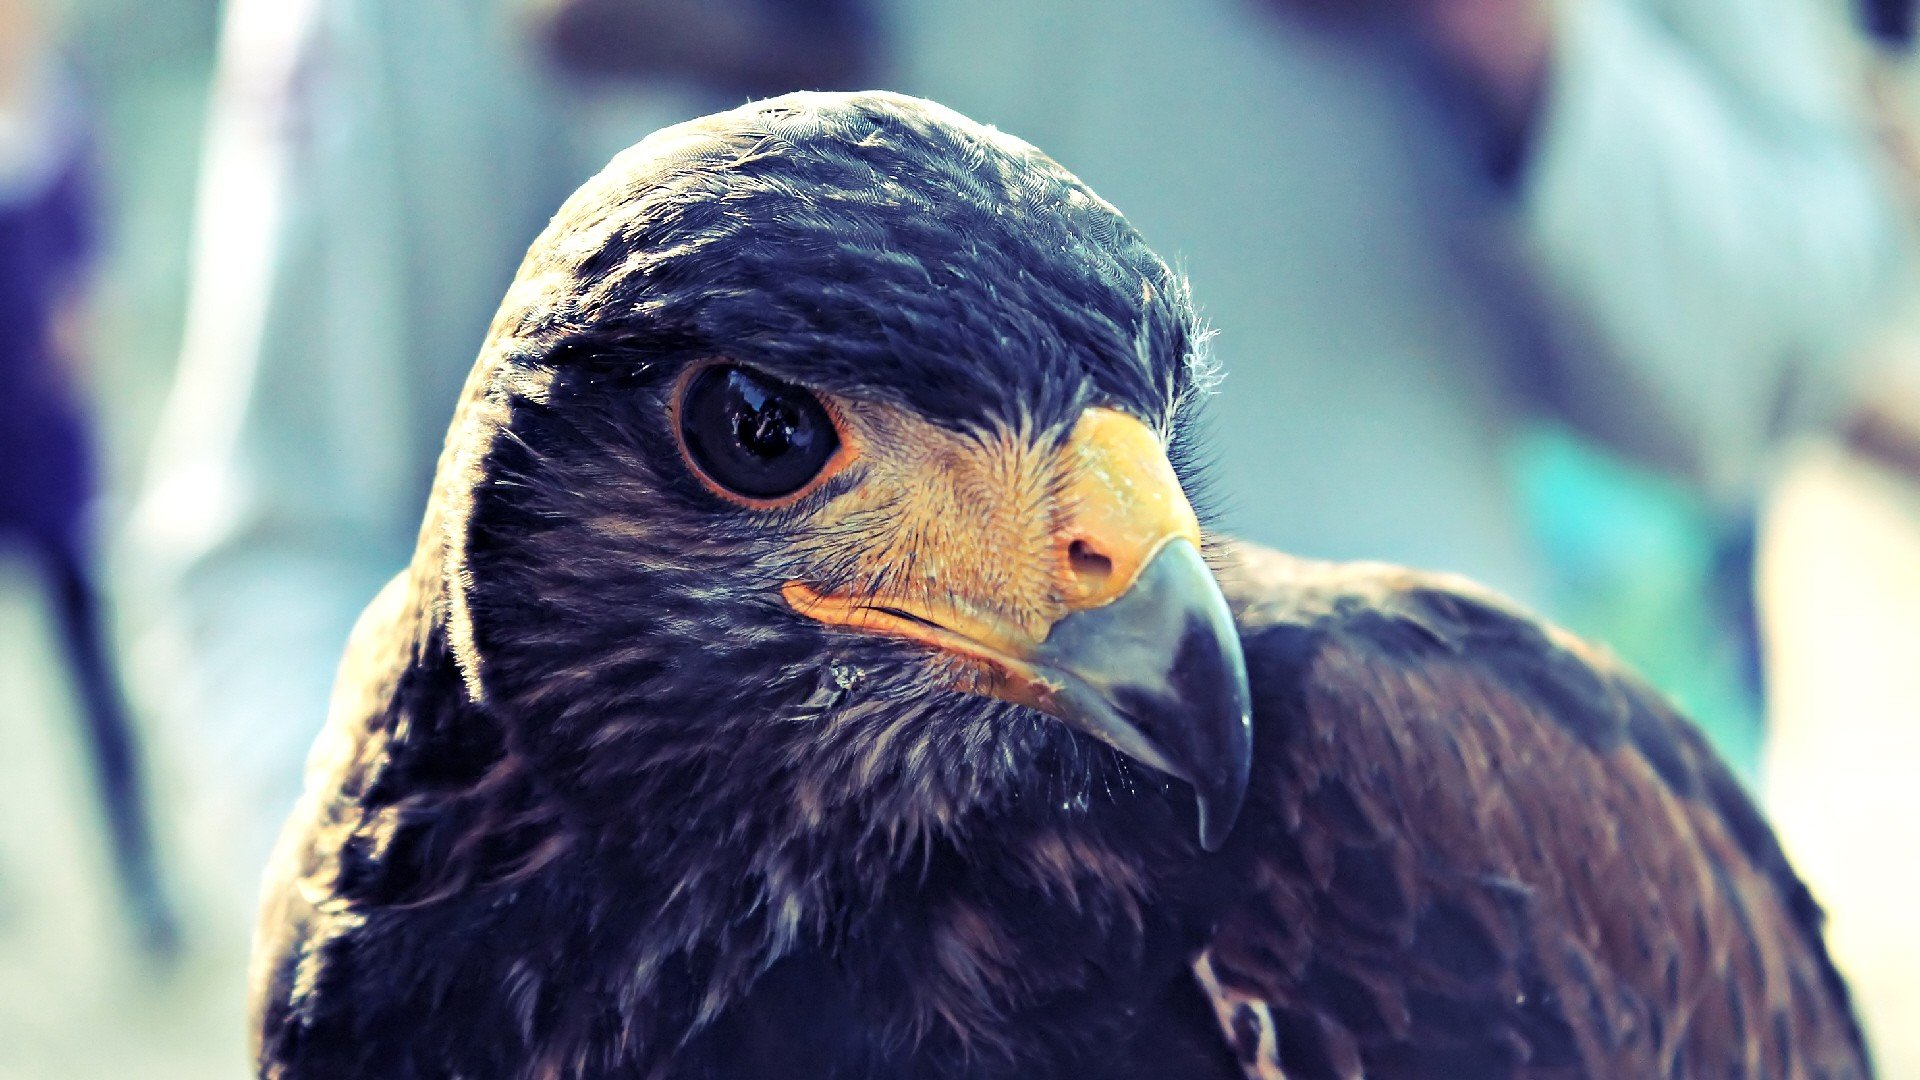 Hawk Bird HD 1080p Wallpapers Download HD Wallpapers Source 1920x1080